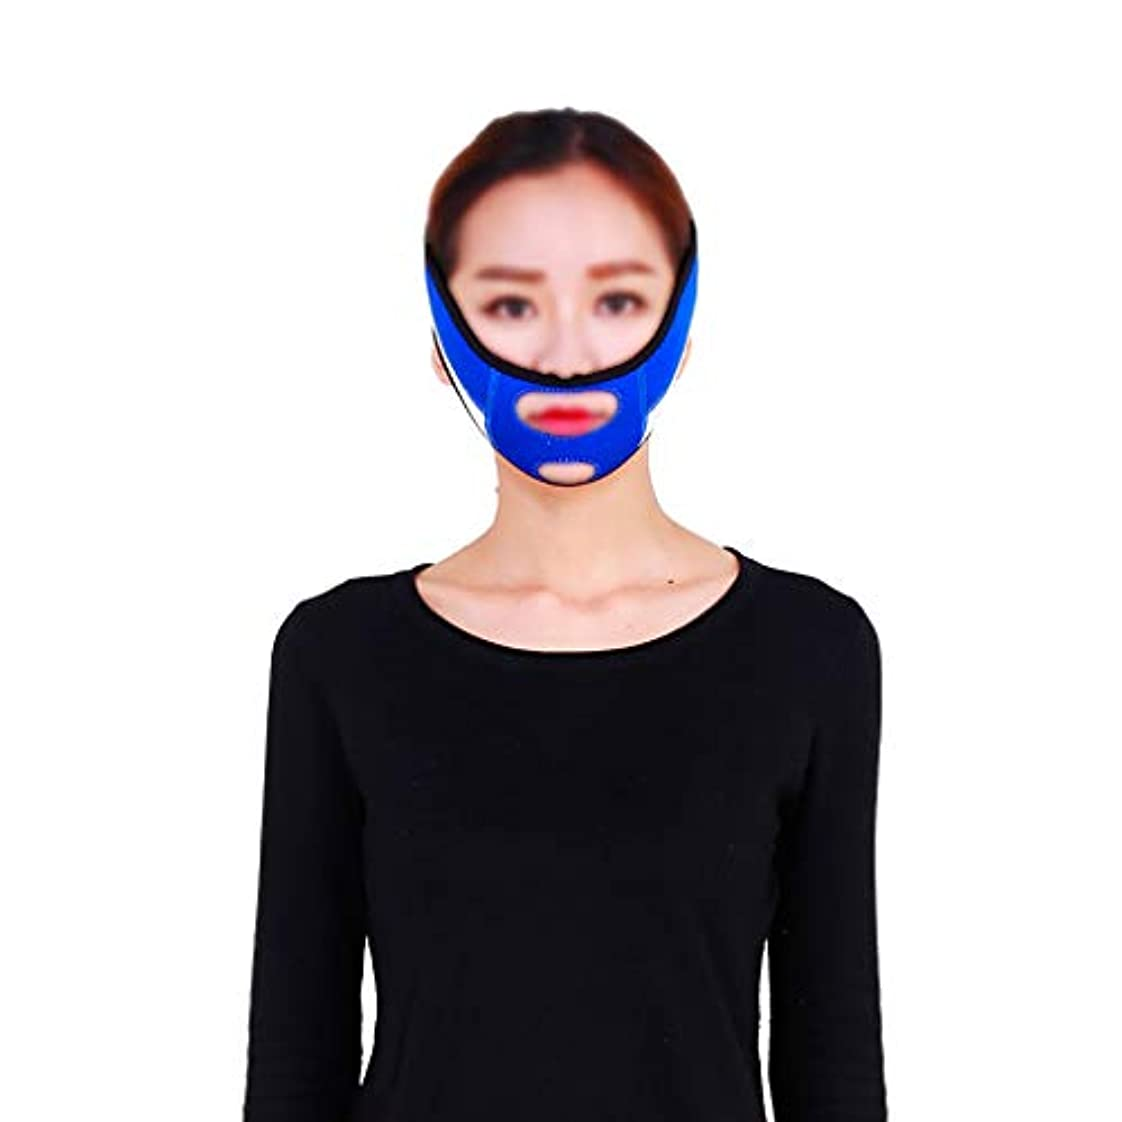 カルシウム人柄ビスケットXHLMRMJ 引き締めフェイスマスク、たるみ肌を強化する滑り止め弾性伸縮性包帯を強化するために口を調整するための小さなV顔アーティファクトリフティングマスク